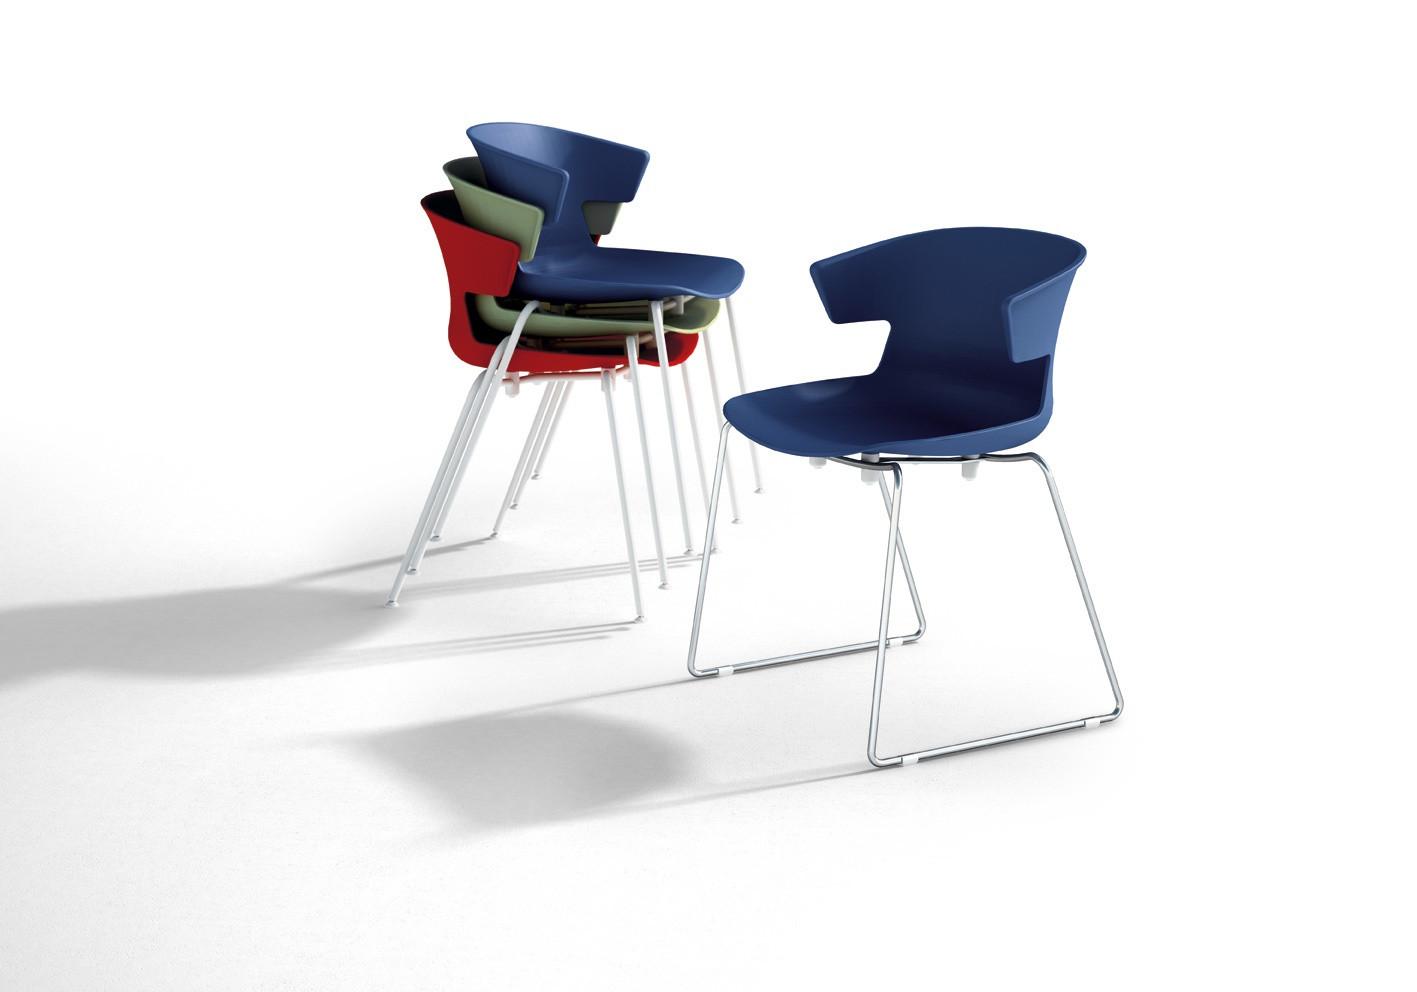 Design Stuhl COVE  Besucher- und Konferenzstuhl! Comfort pur!